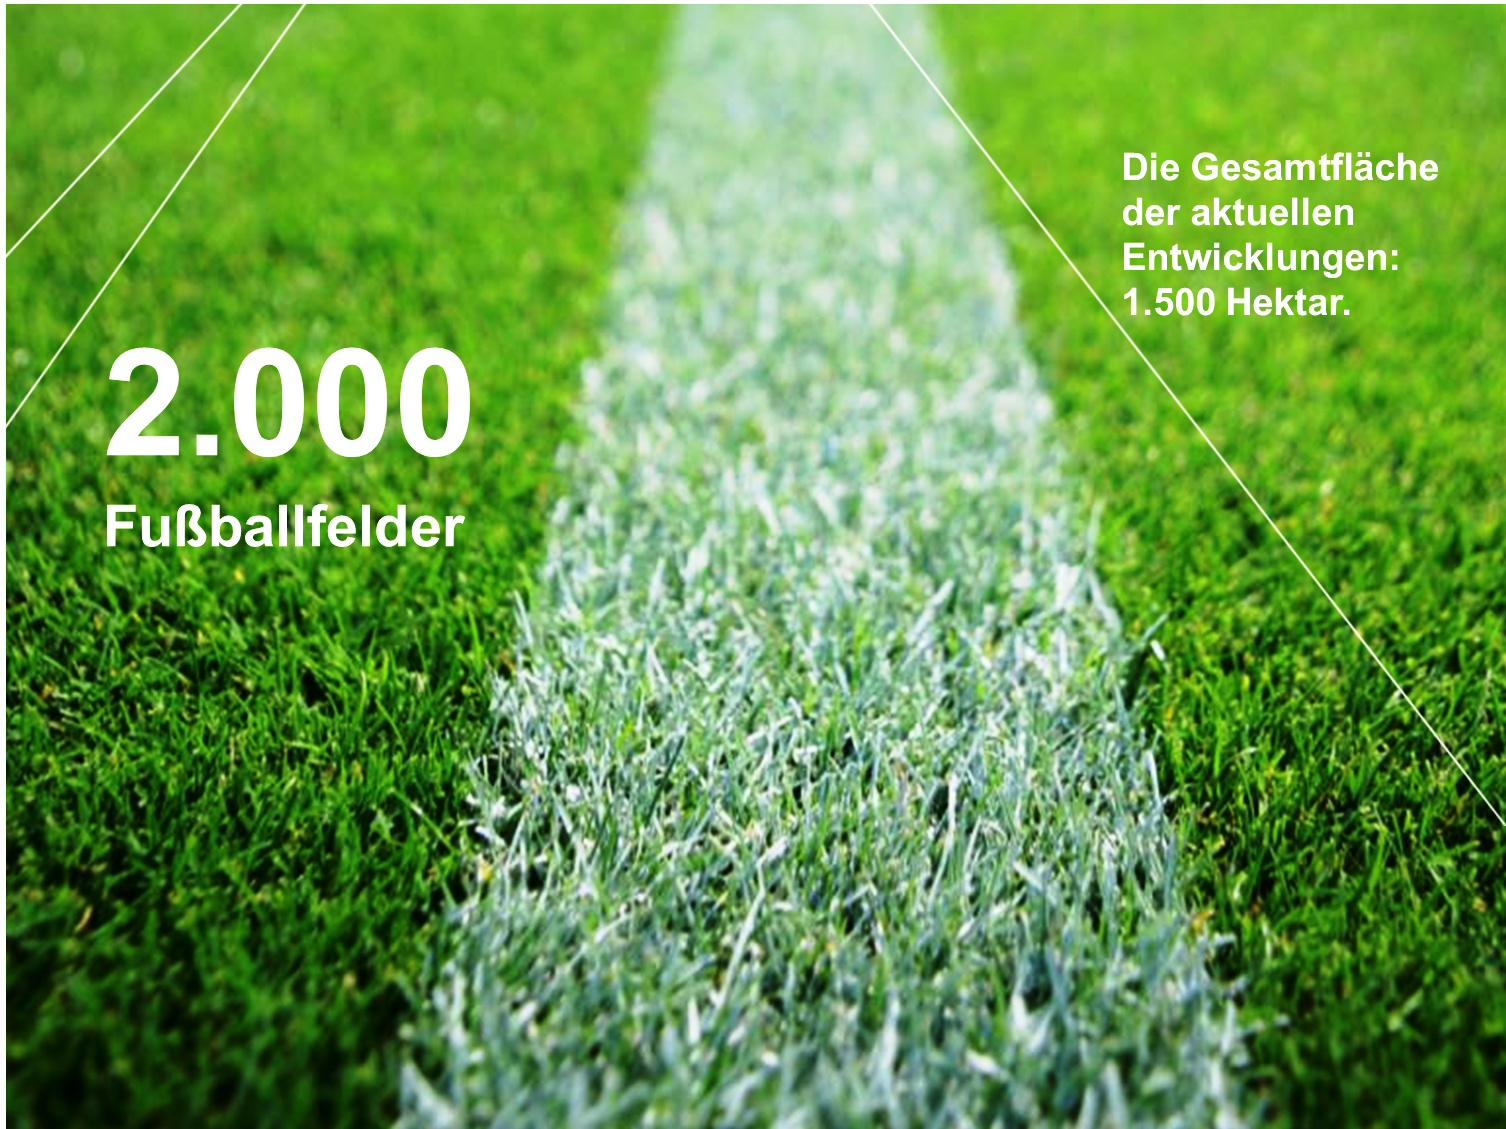 Eine Flache Von 2 000 Fussballfeldern In Der Entwicklung